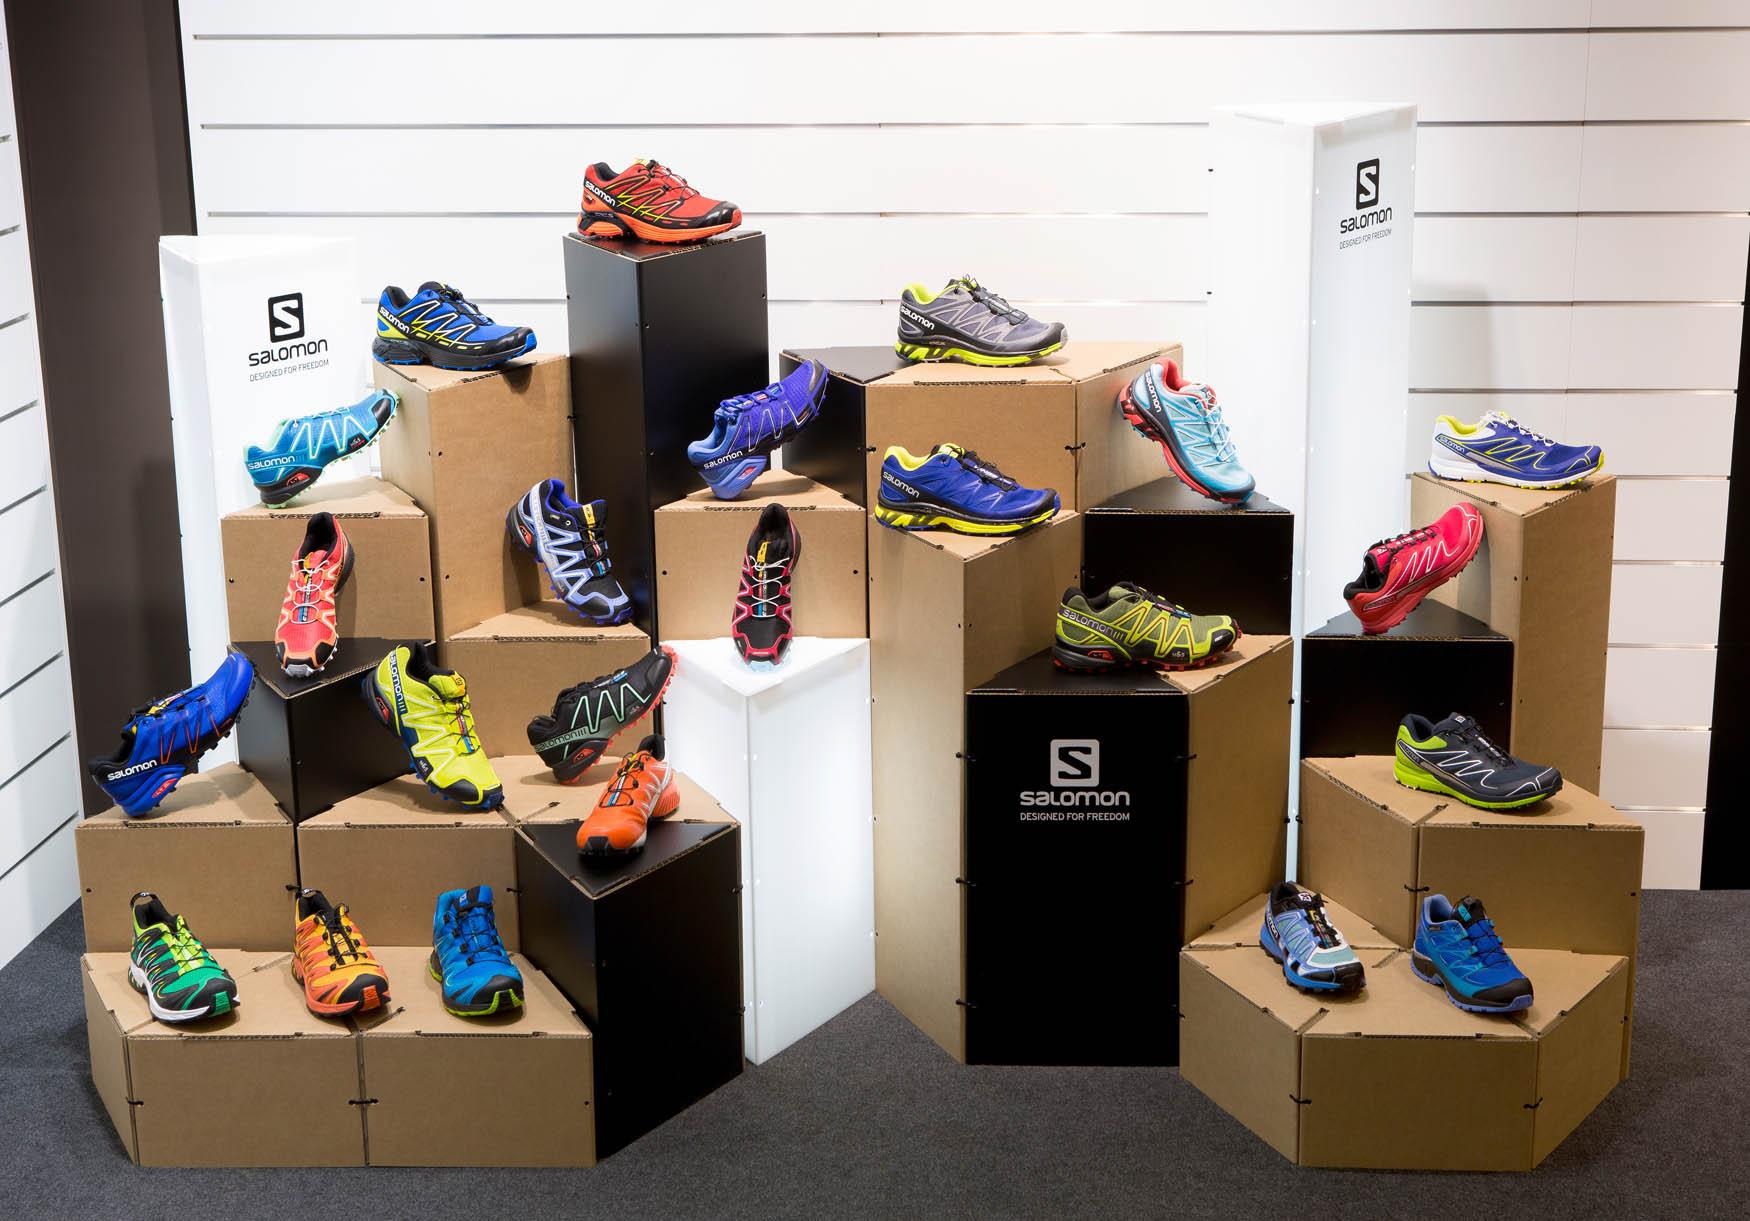 Corner expositivo para calzado de Salomon showroom Barcelona Ammer Sports Triplo* Sistema constructivo en cartón